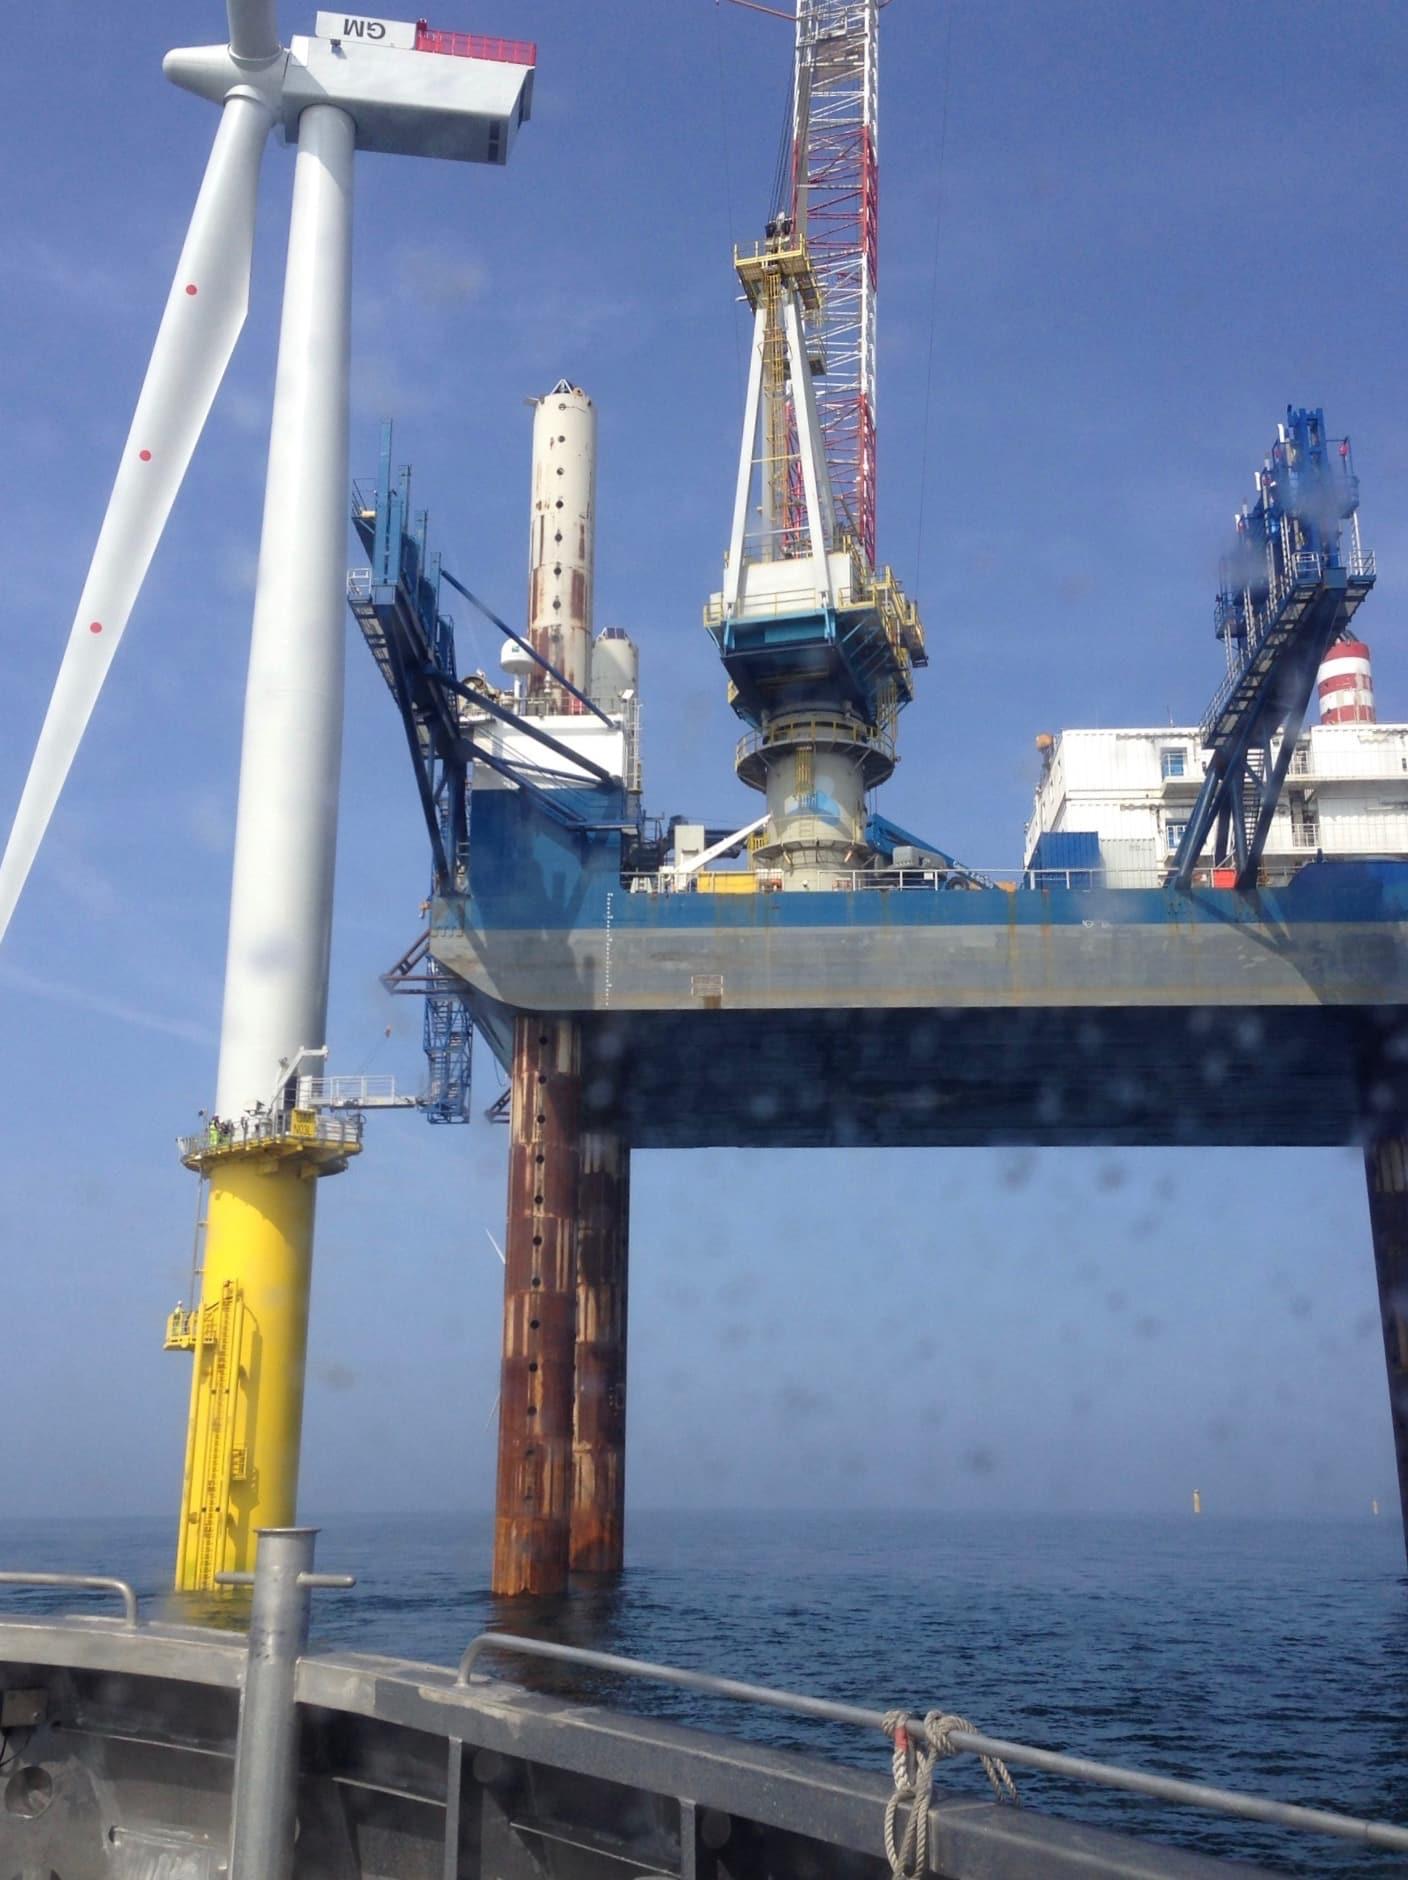 Windfarm installation